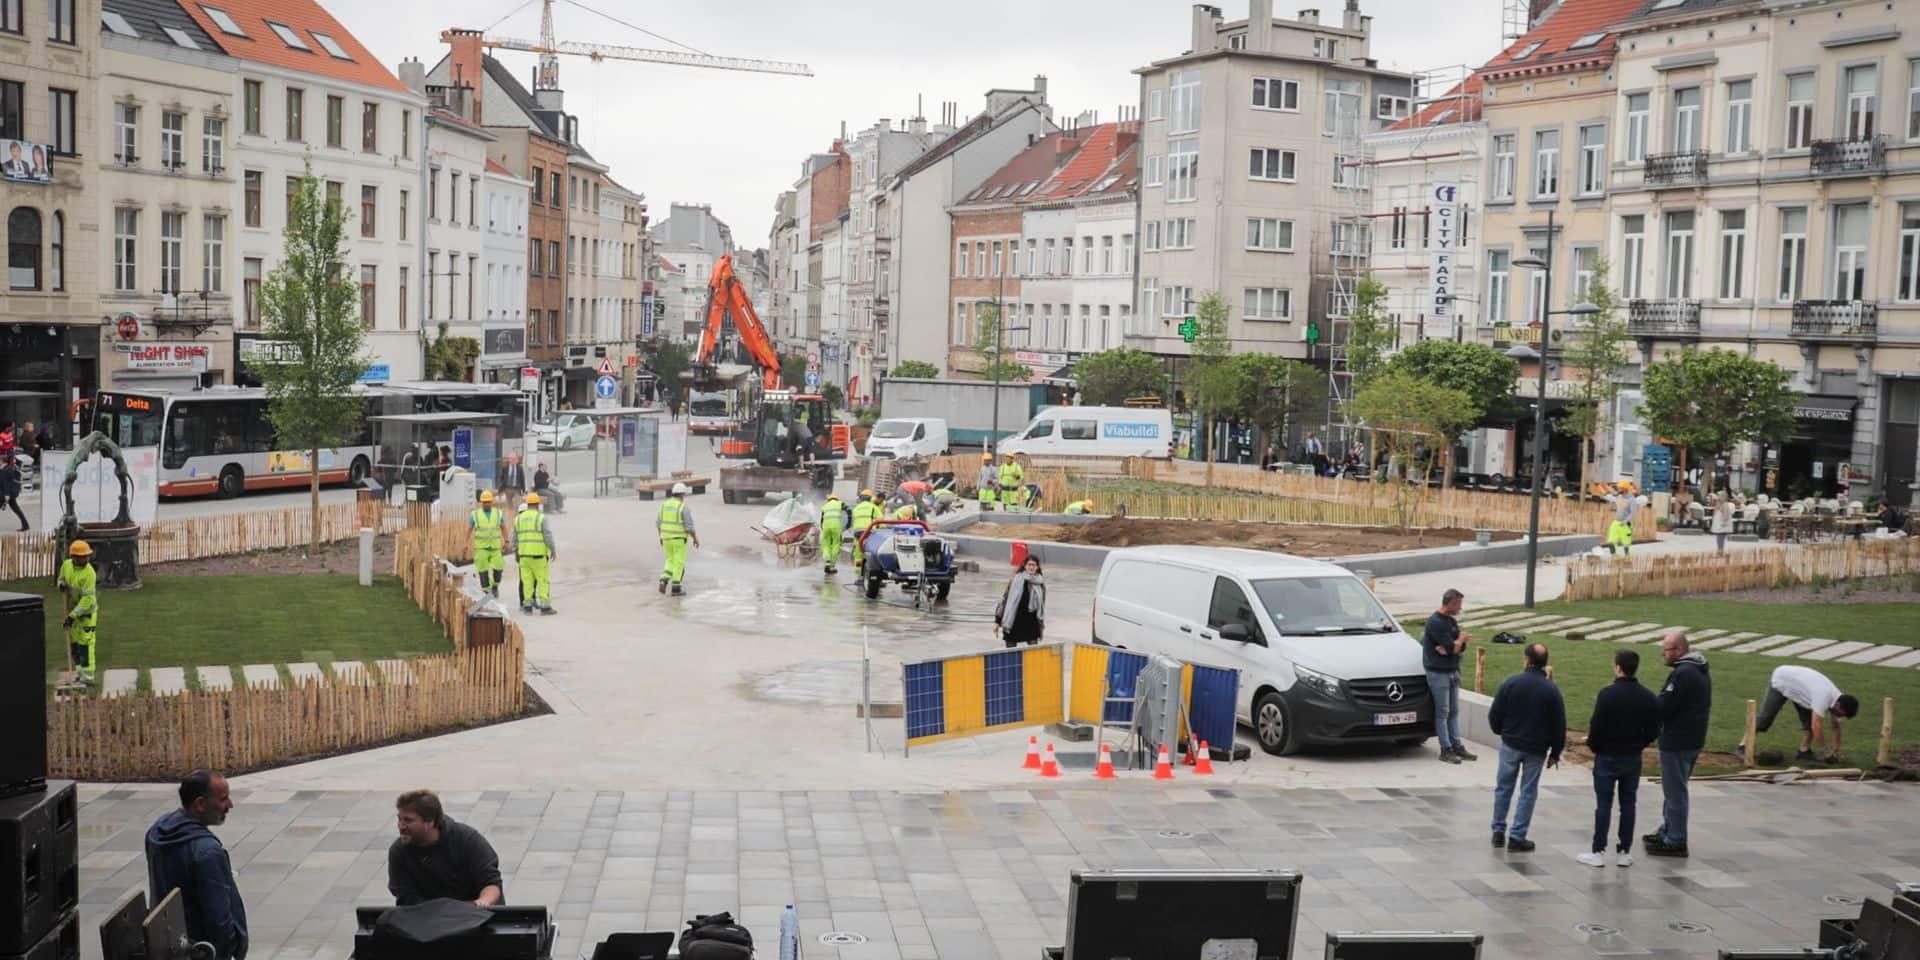 La nouvelle place Fernand Cocq a été inaugurée vendredi en fin de journée, devant la maison communale d'Ixelles, par le ministre bruxellois de la Mobilité Pascal Smet et par le bourgmestre de la commune bruxelloise Christos Doulkeridis.